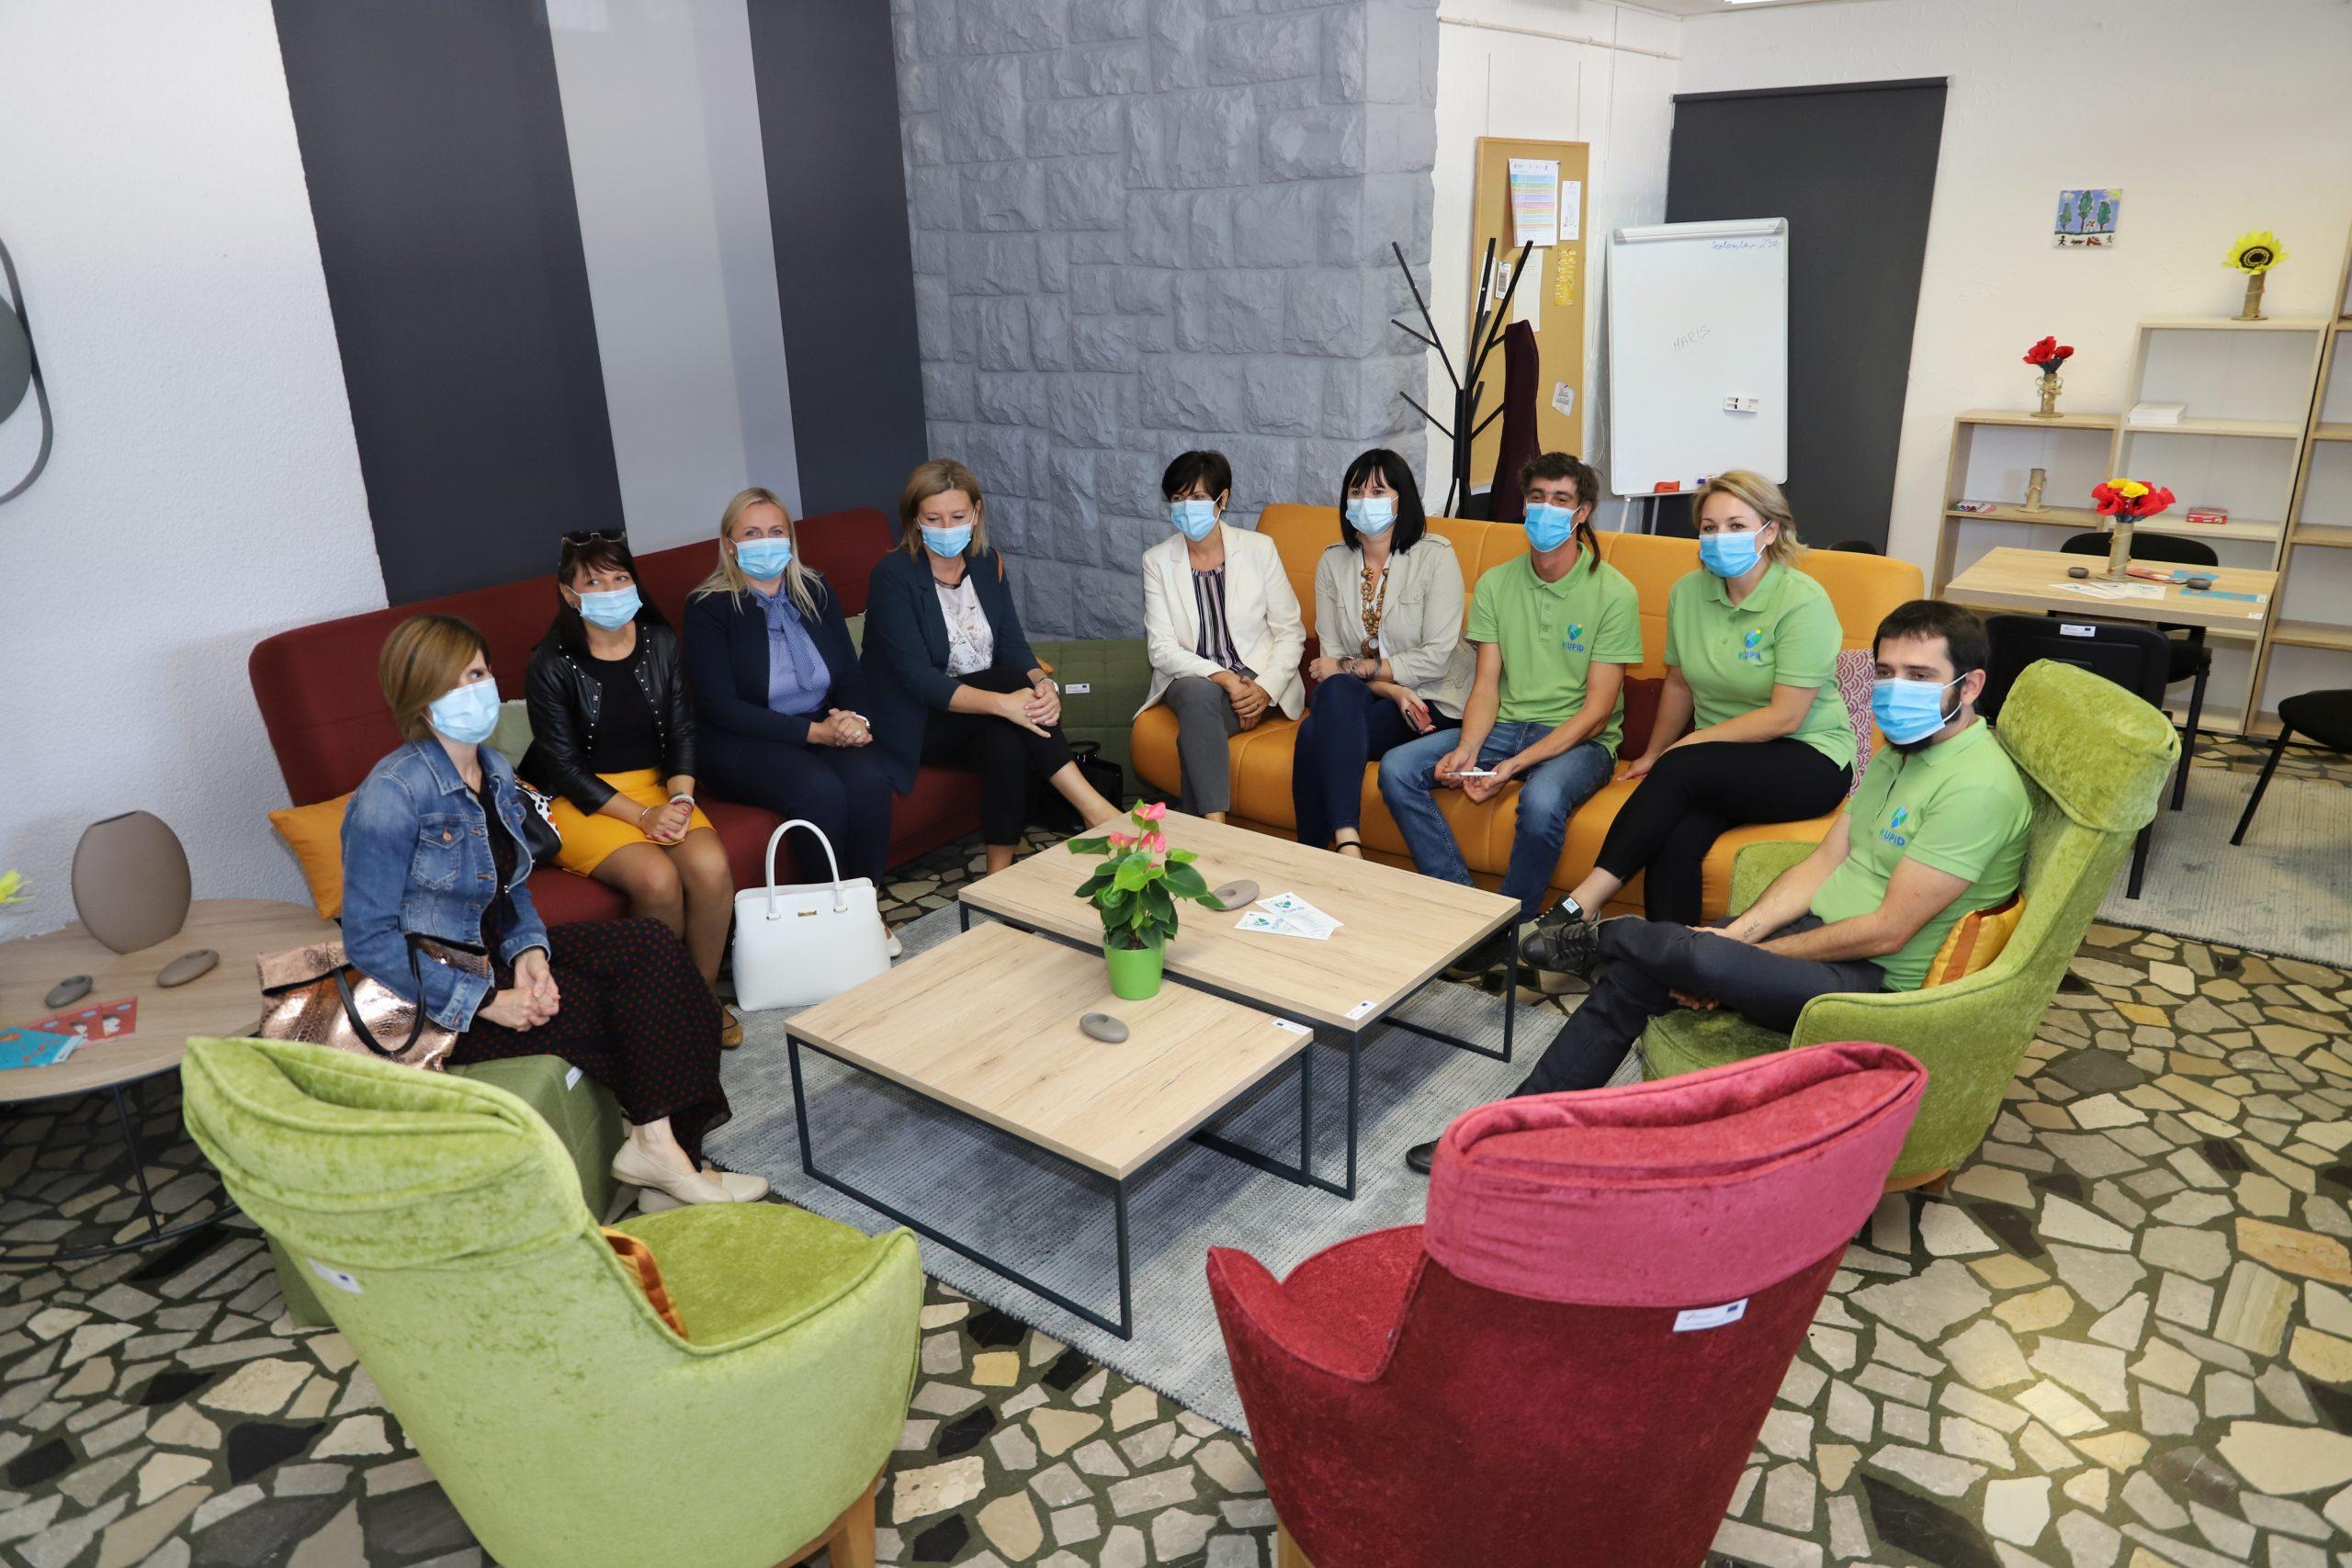 U Domu mladih predstavljen projekt KUPID uz novi Co-Working prostor